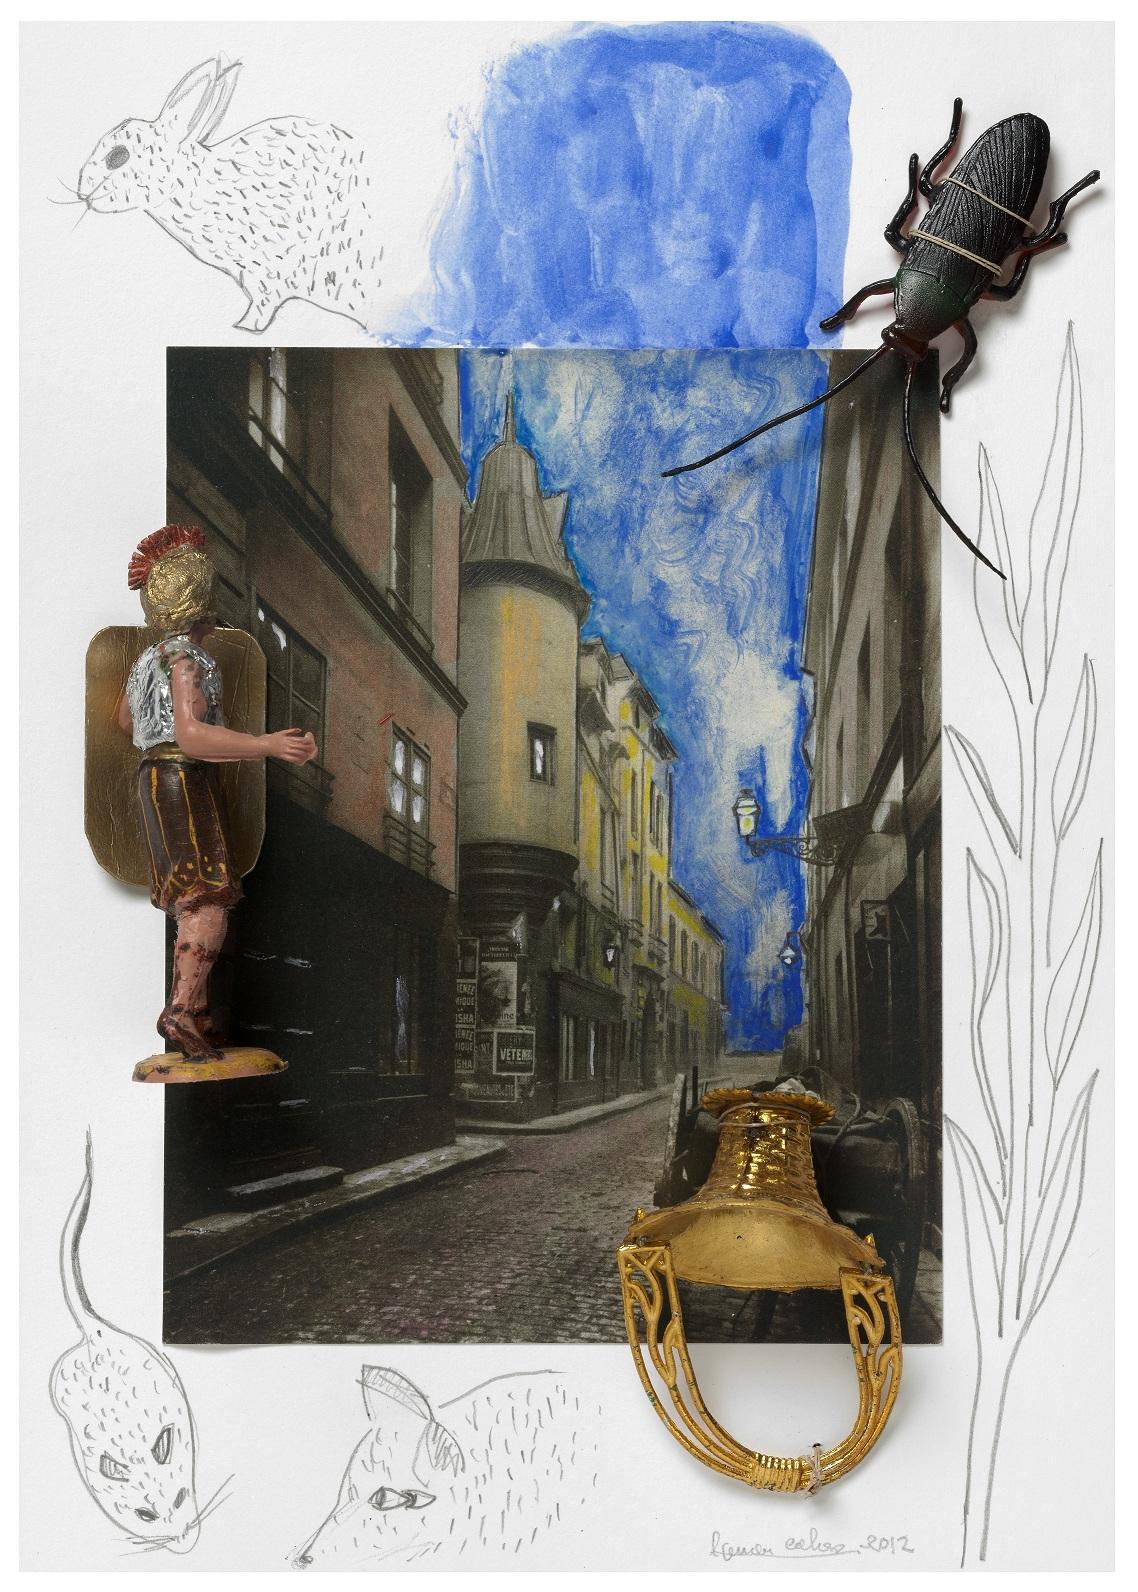 Visions A L'entorn De L'or Del Rin